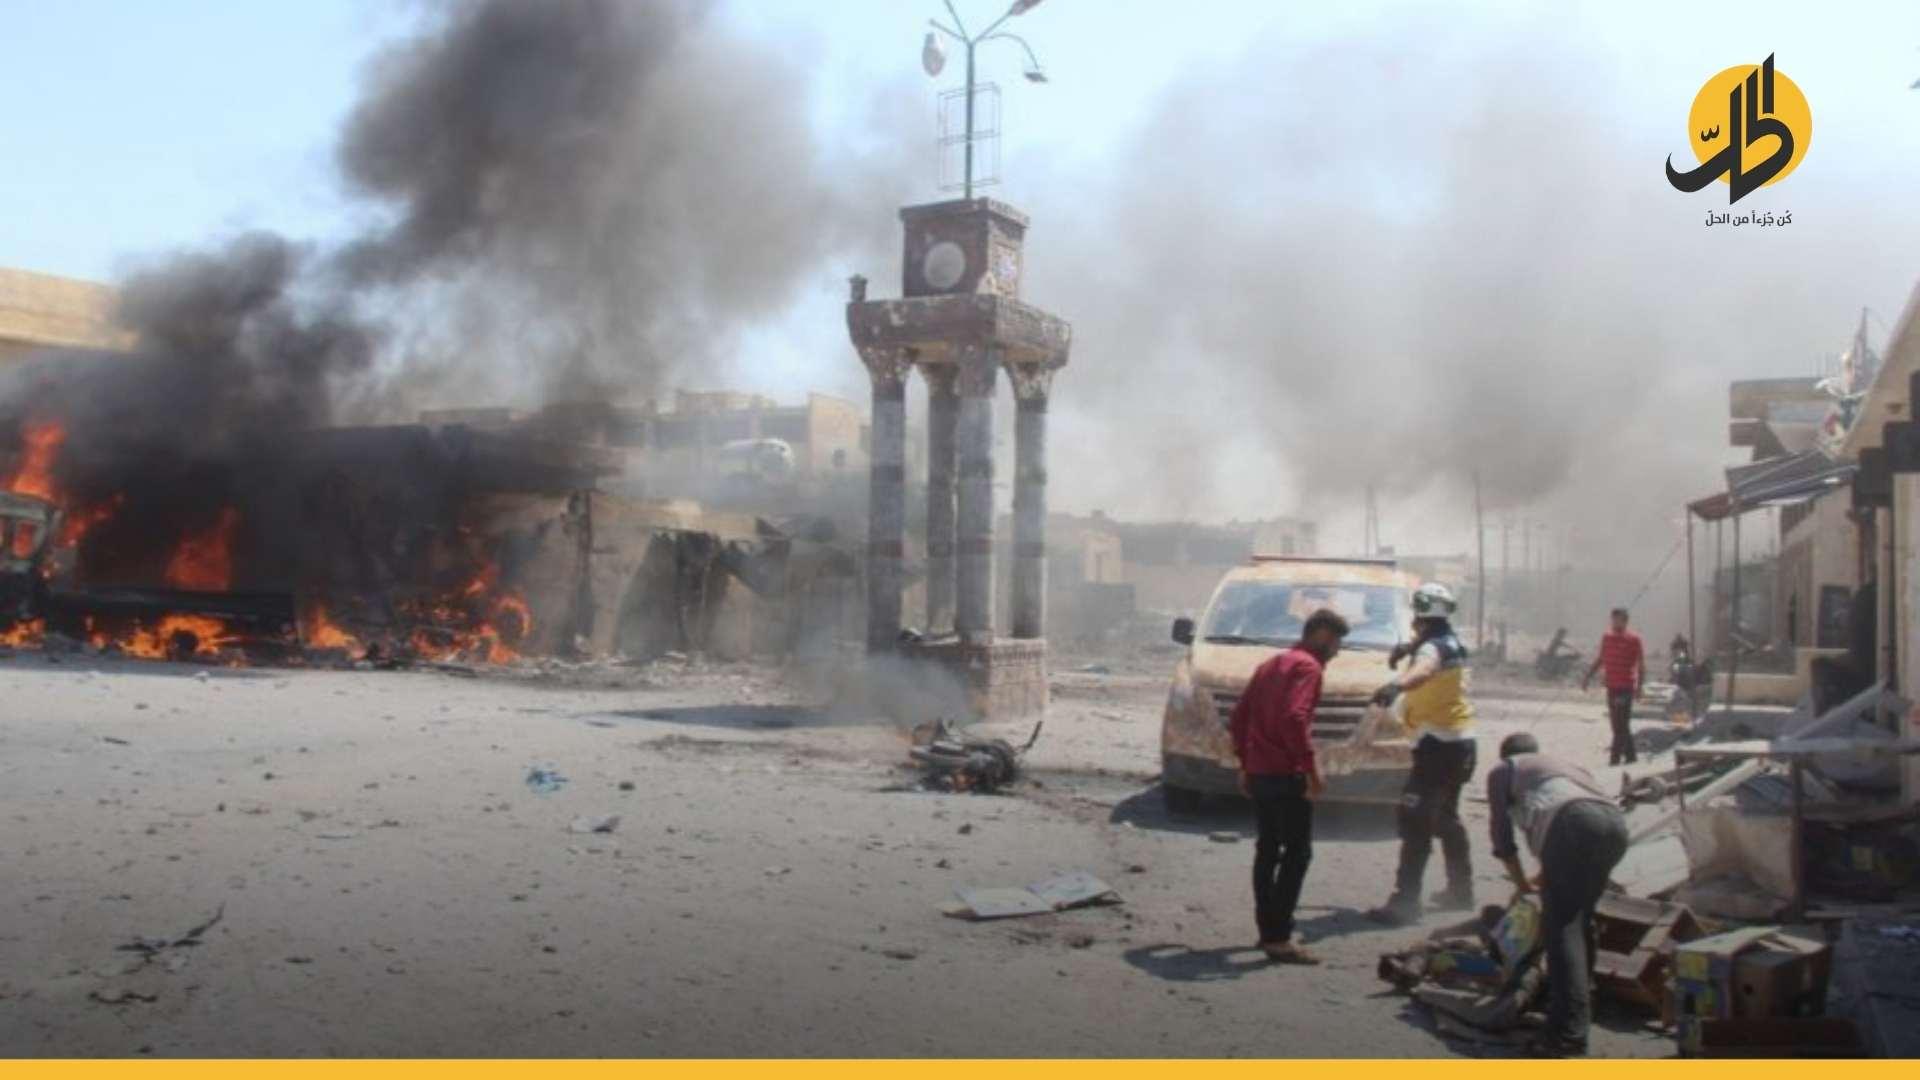 """قصف تركي روسي متبادل بعد مقتل المتحدث العسكري باسم """"تحرير الشام"""" في إدلب.. فهل بدأت الحرب؟"""